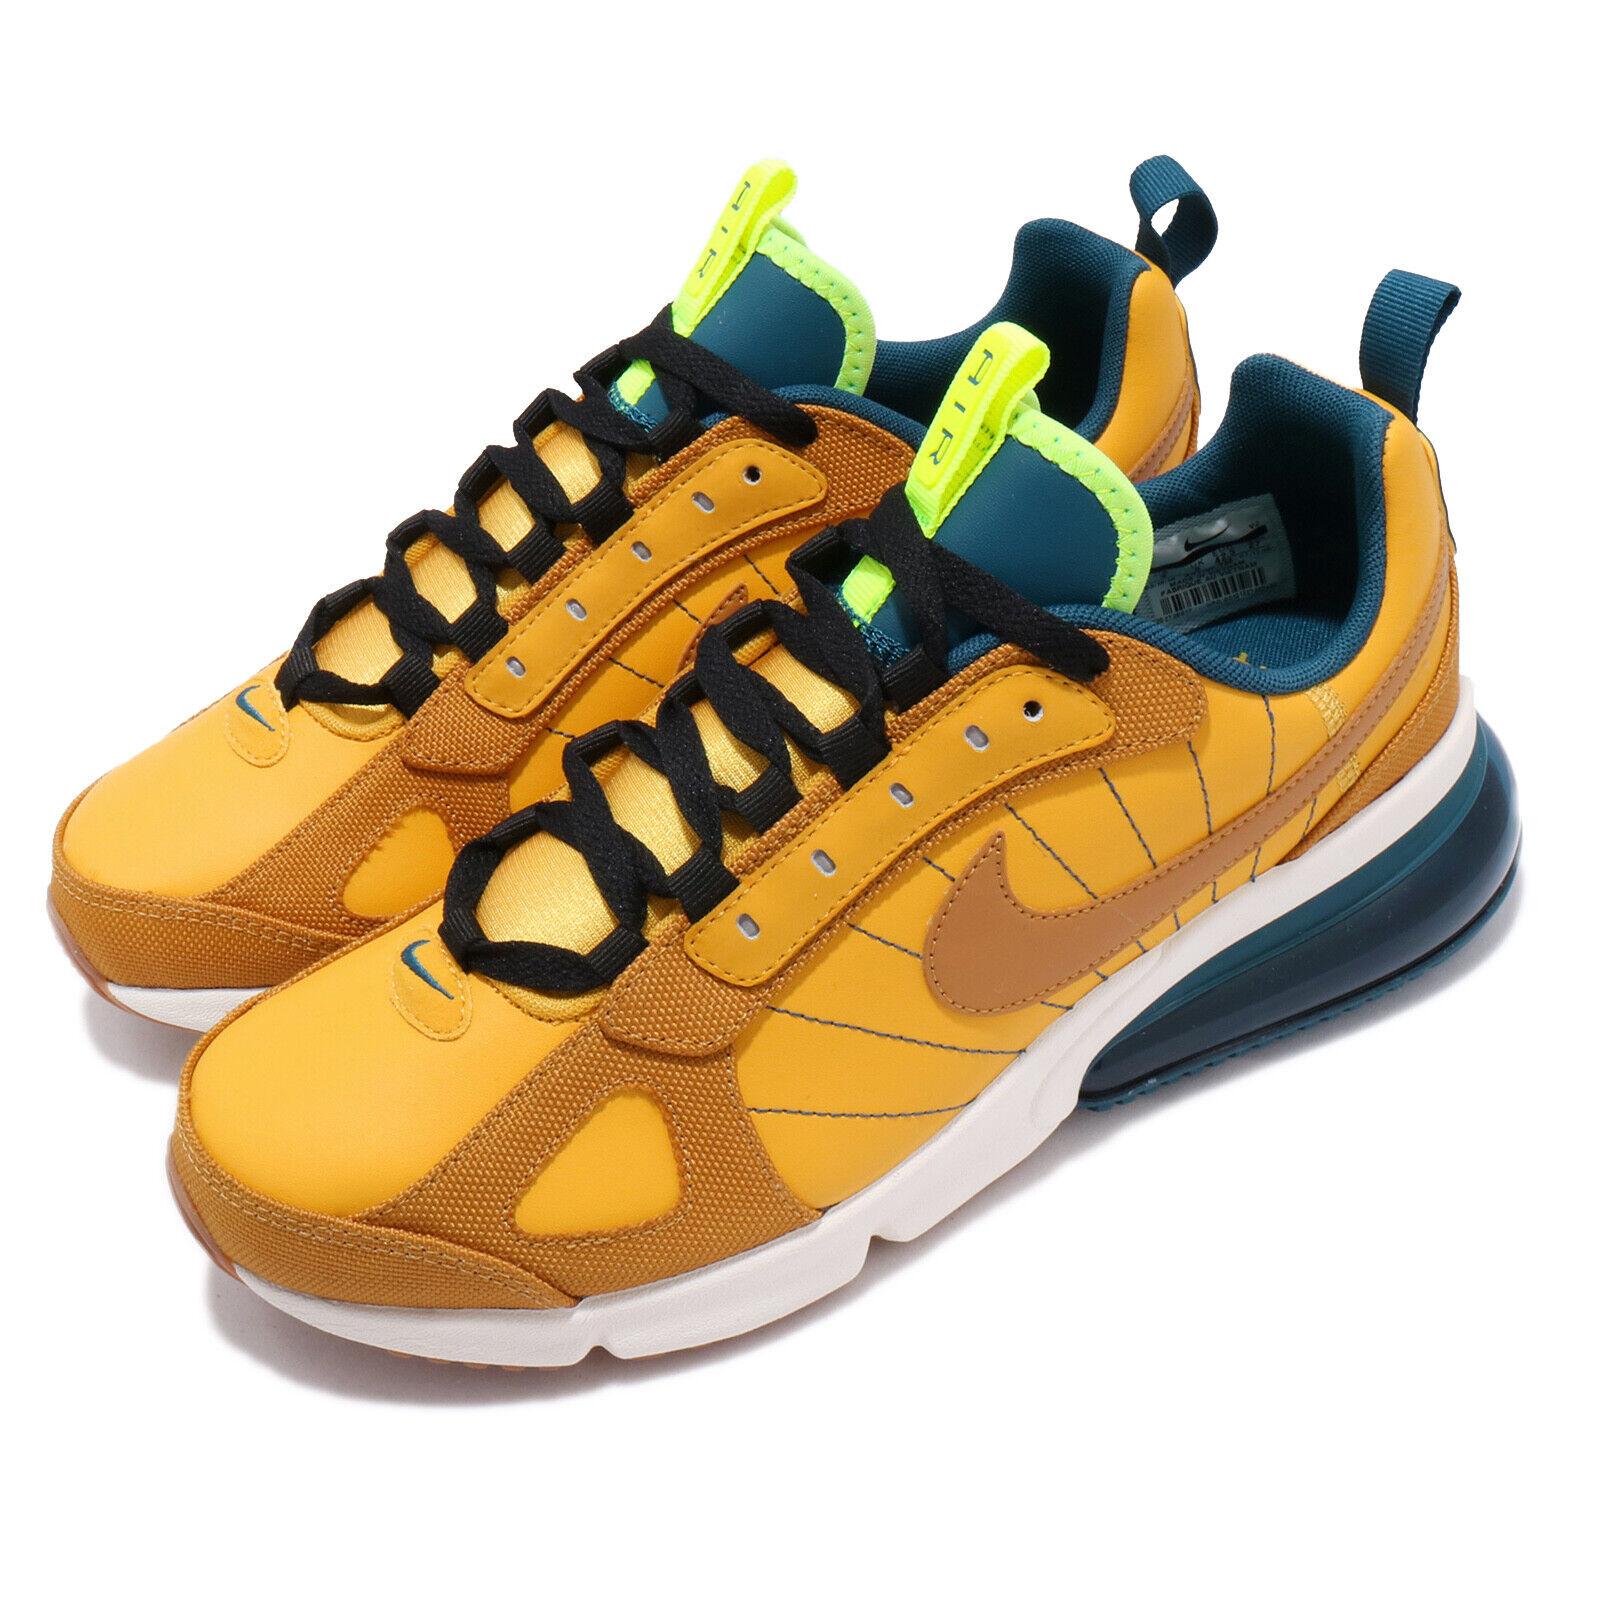 Nike Air Max 270 Futura  SE Yellow Ochre Desert Men Running shoes AV2151-700  70% off